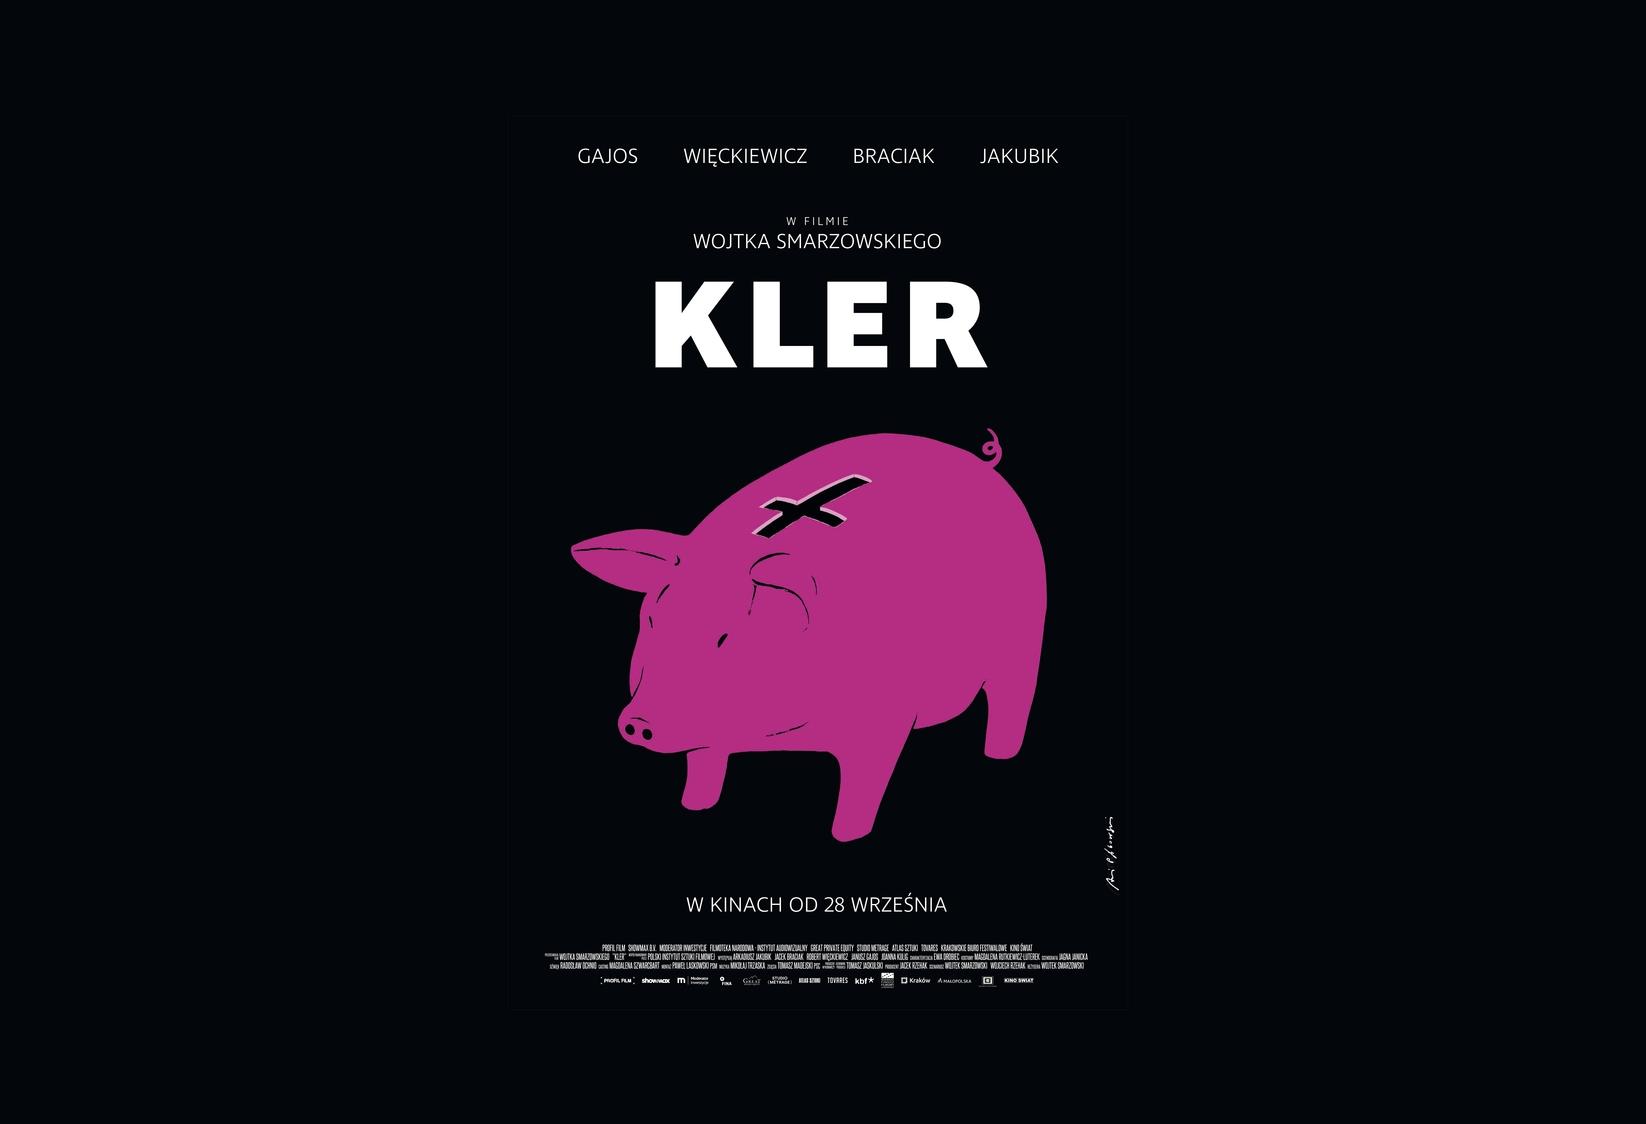 Andrzej Pągowski Stworzył Artystyczny Plakat Filmu Kler